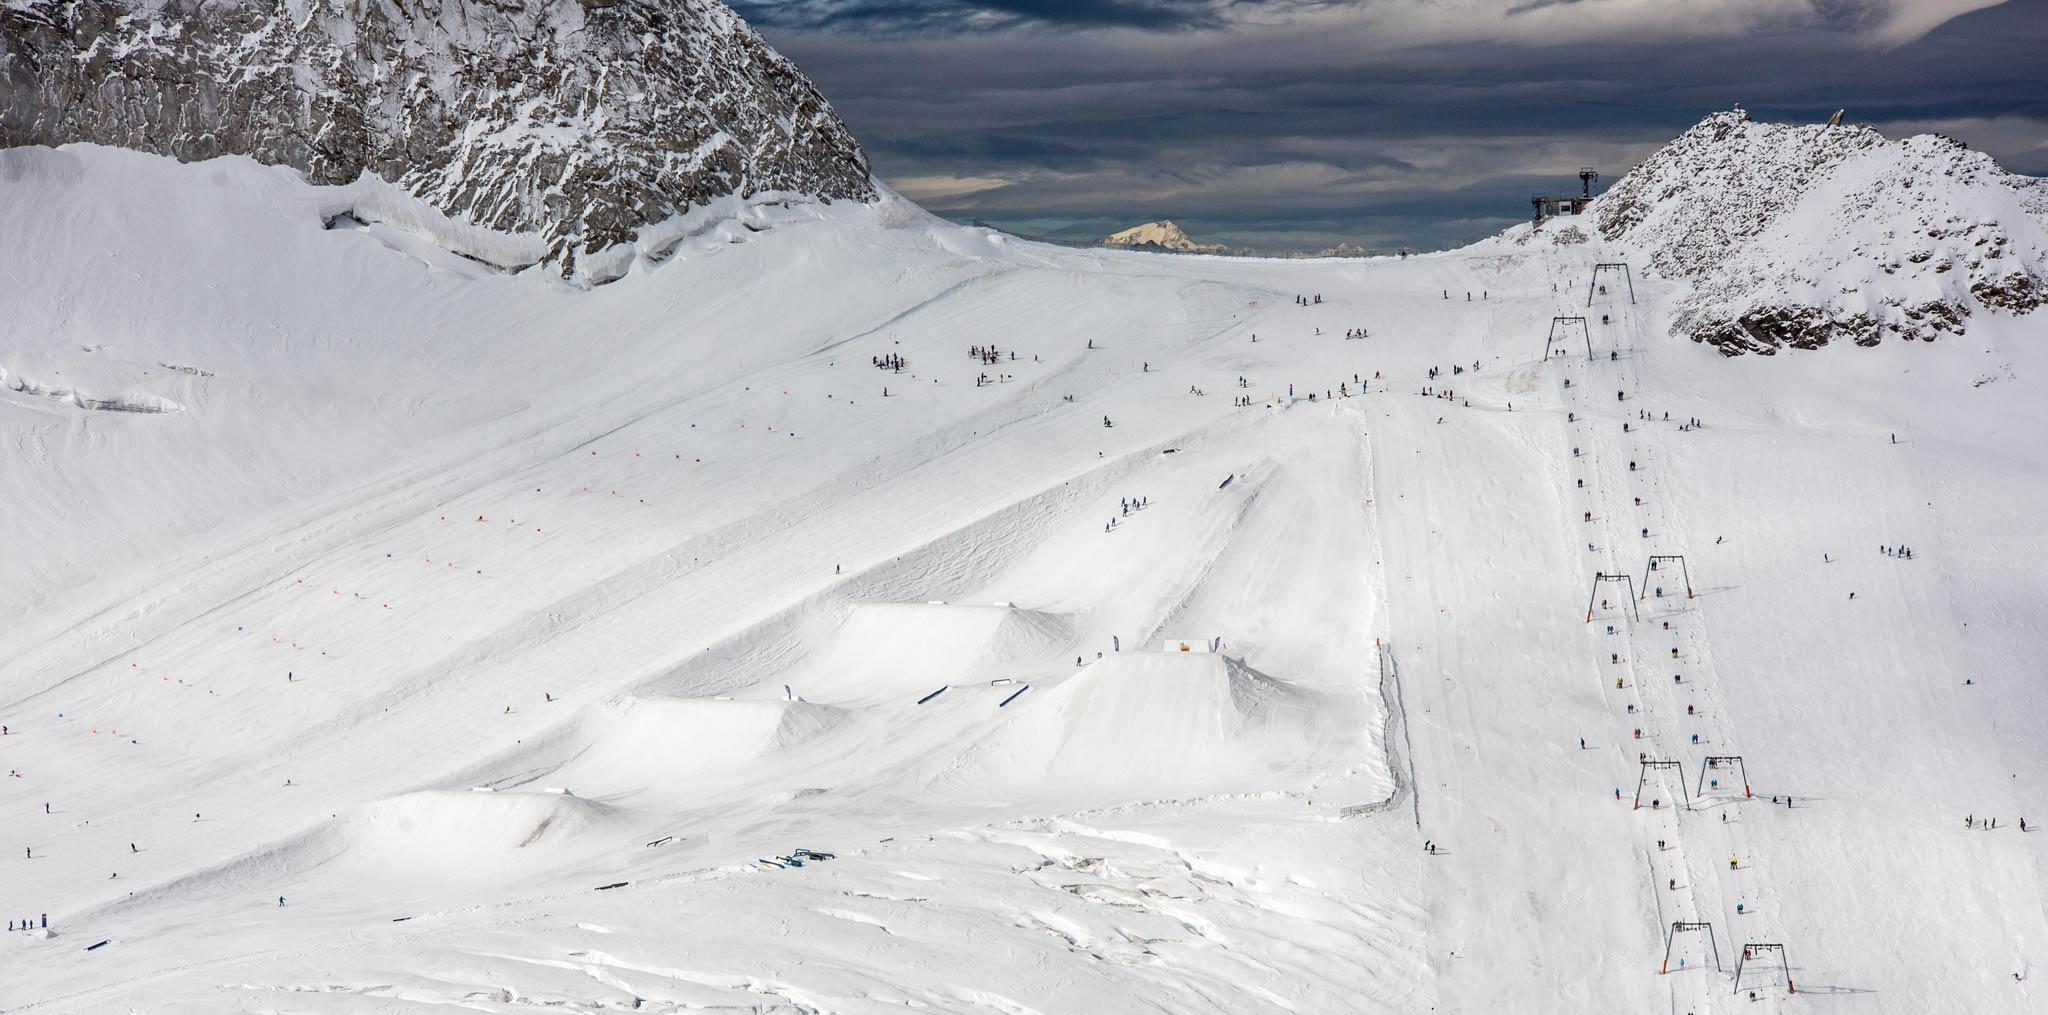 Der betterpark Hintertux im Überblick - Foto: MonEpic